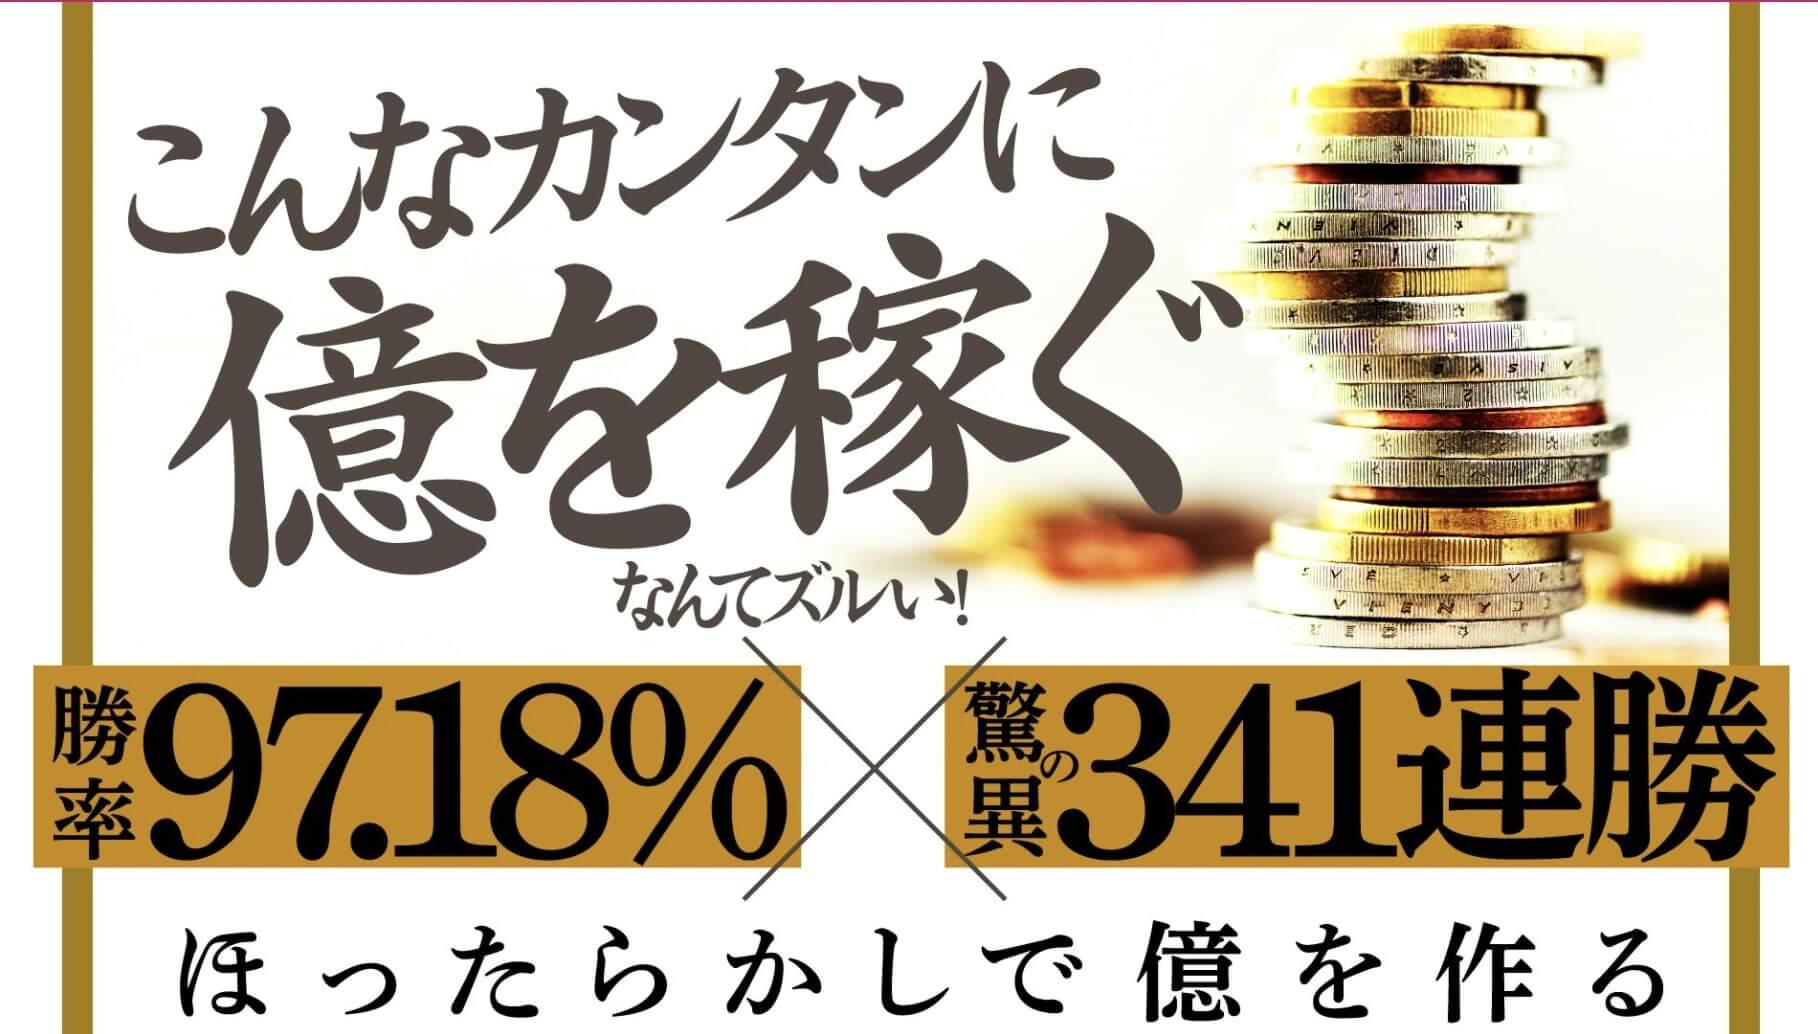 億の約束(tamura)画像1